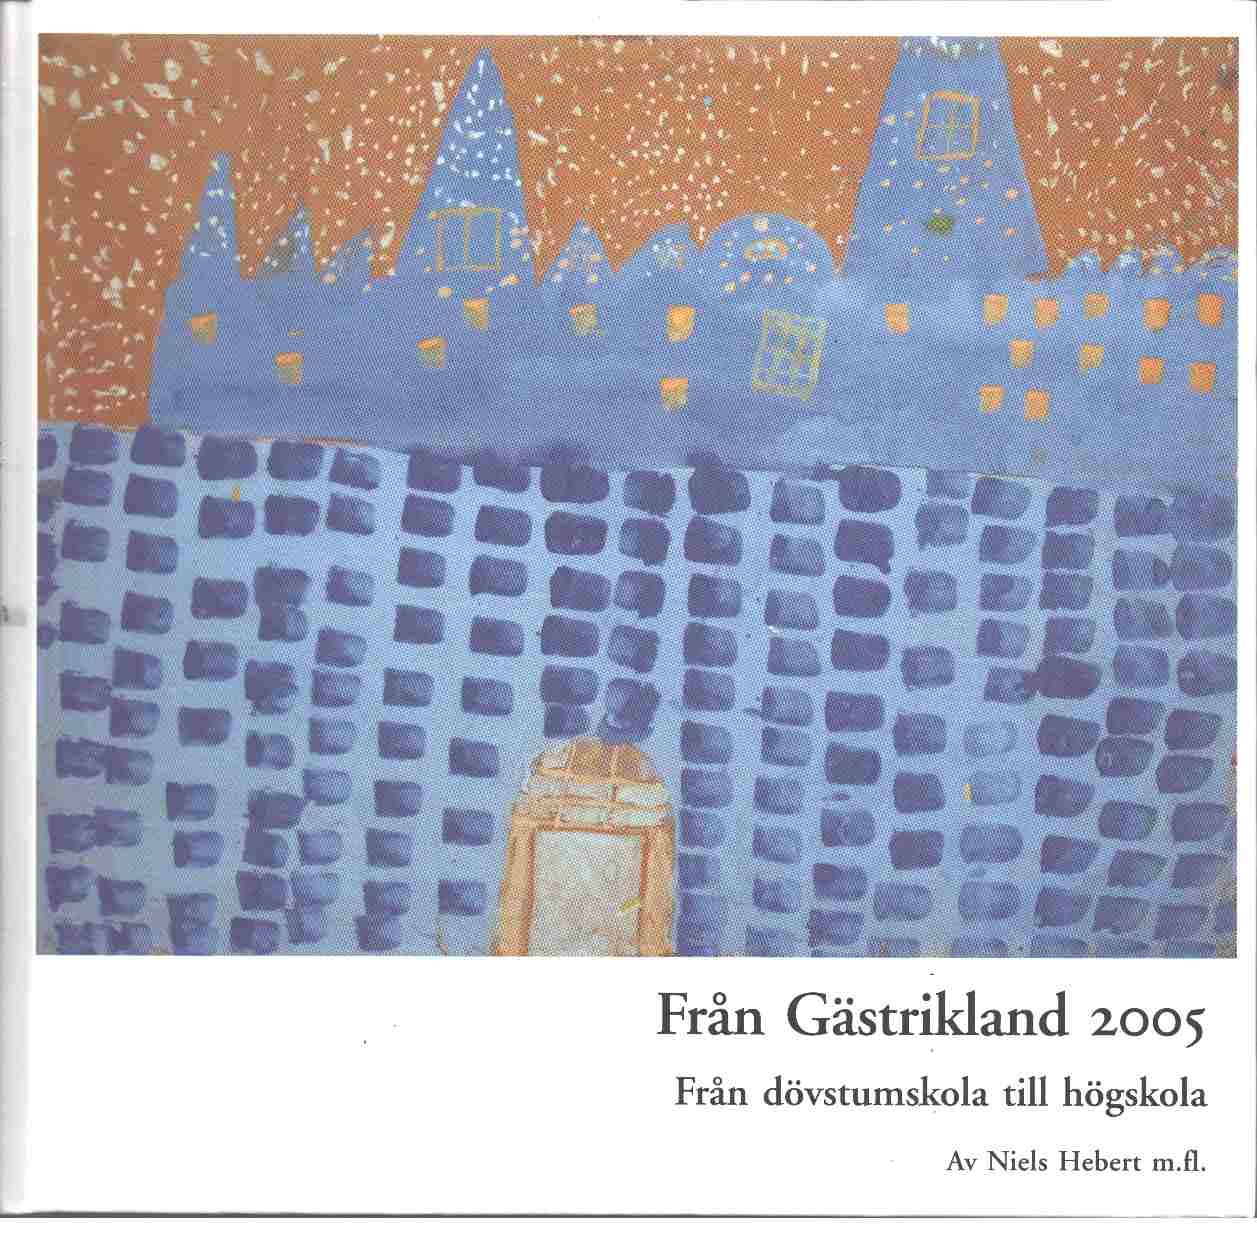 Från Gästrikland 2005 : Från Dövstumskola till högskola - Red. Gästriklands kulturhistoriska förening